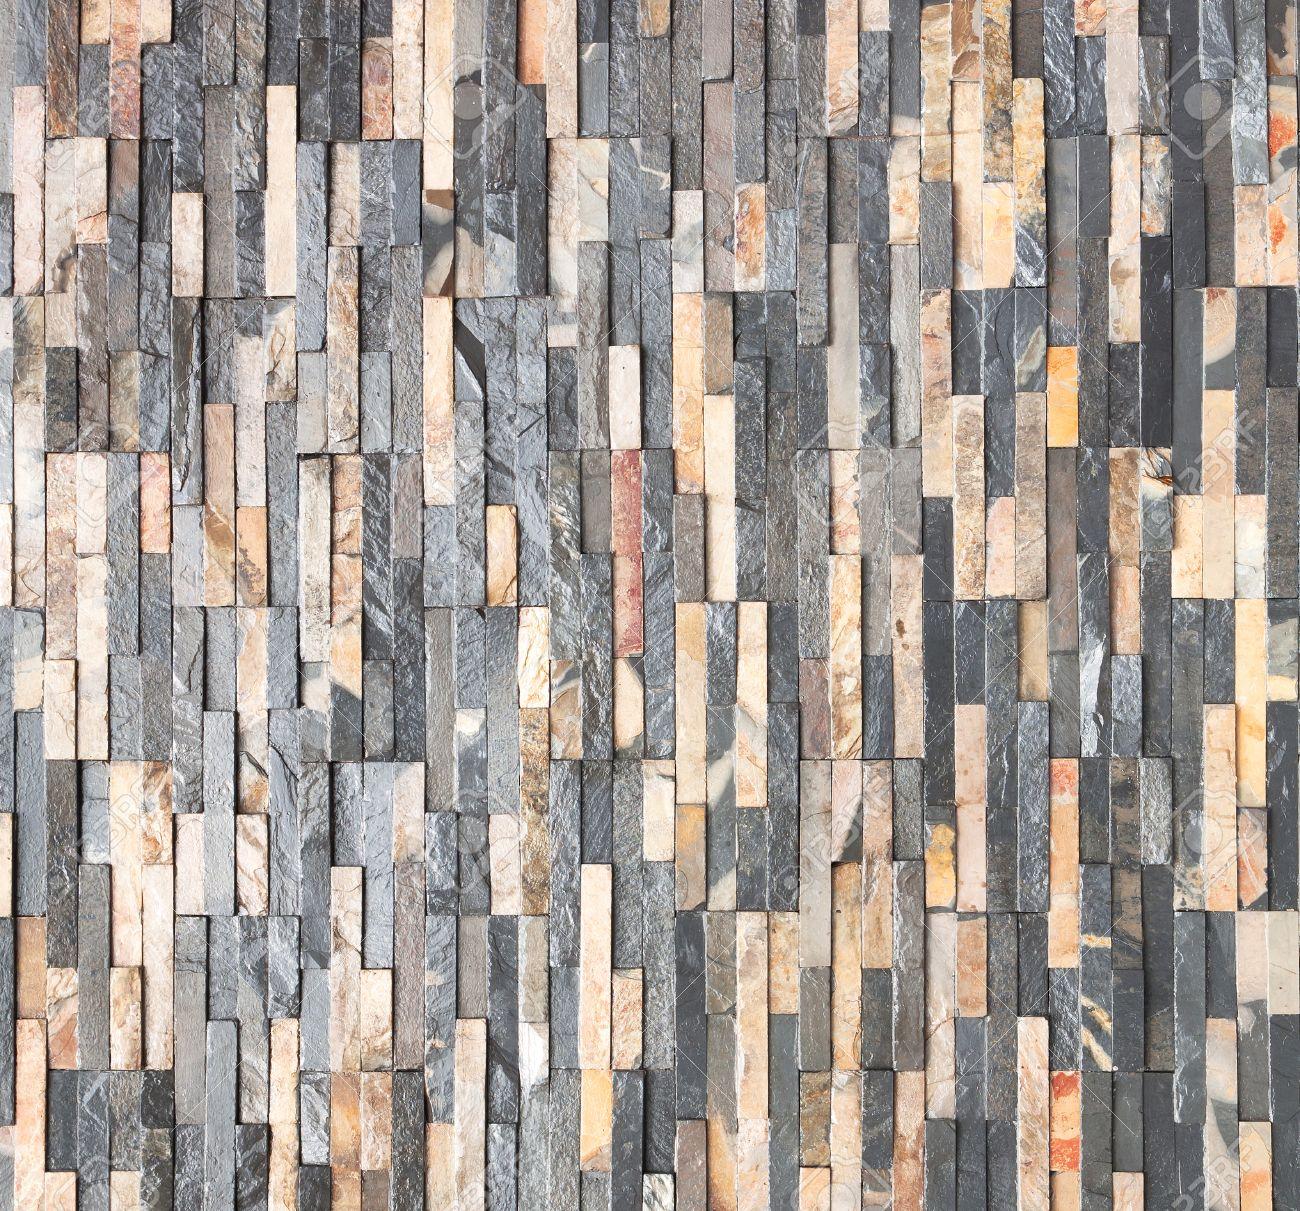 muro de piedra textura de fondo abstracto interior y exterior foto de archivo